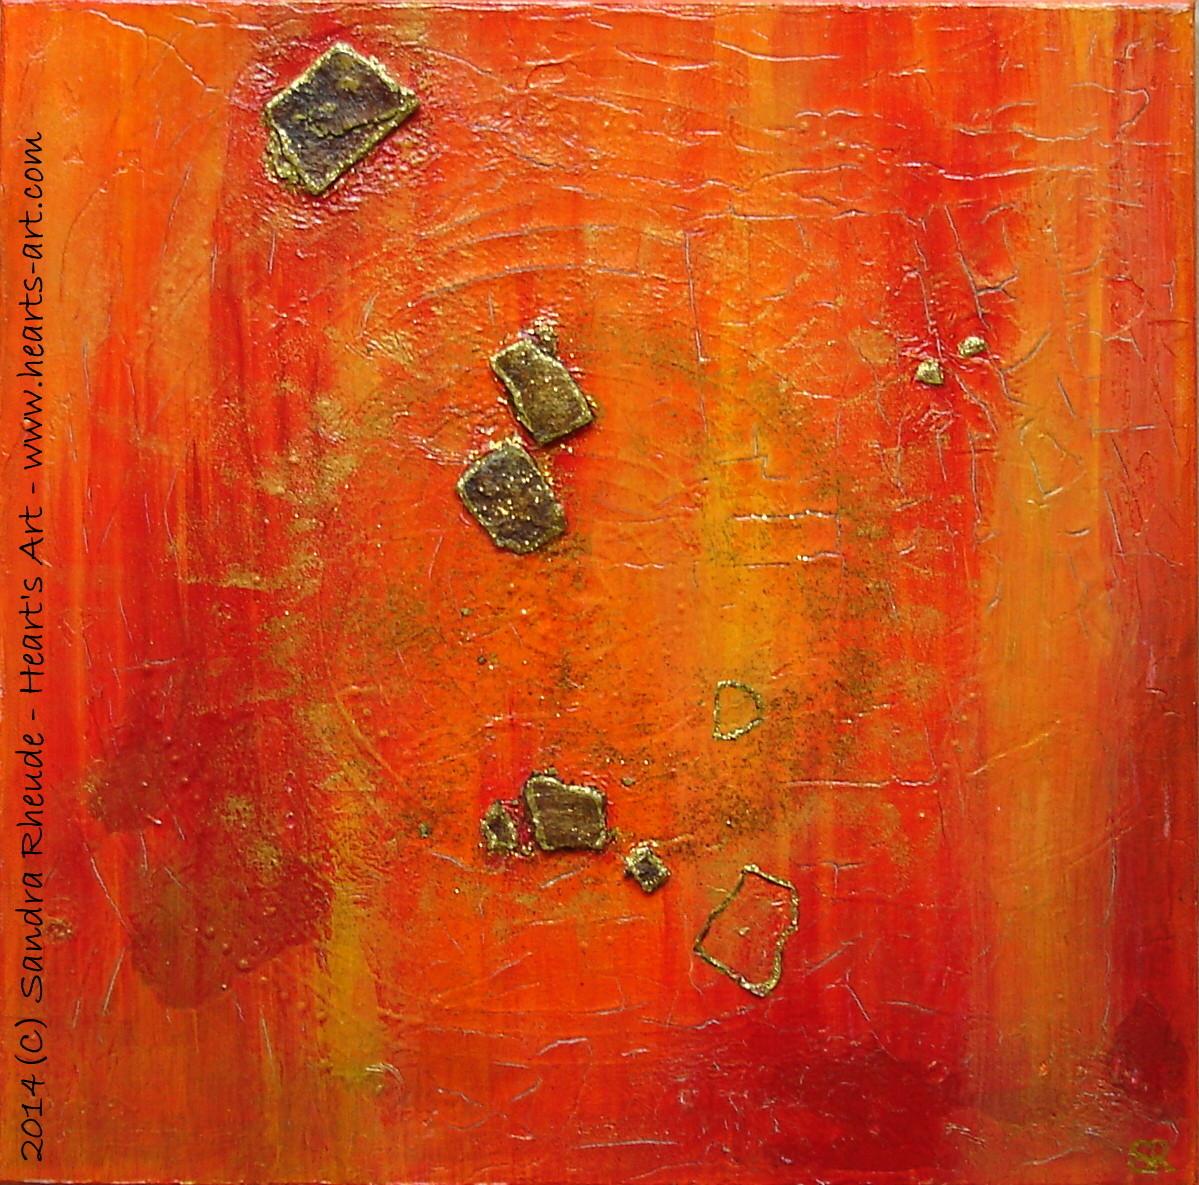 'Untitled' - 2014/29 - Acryl/MixedMedia auf Leinwand - 40 x 40 cm - € 190